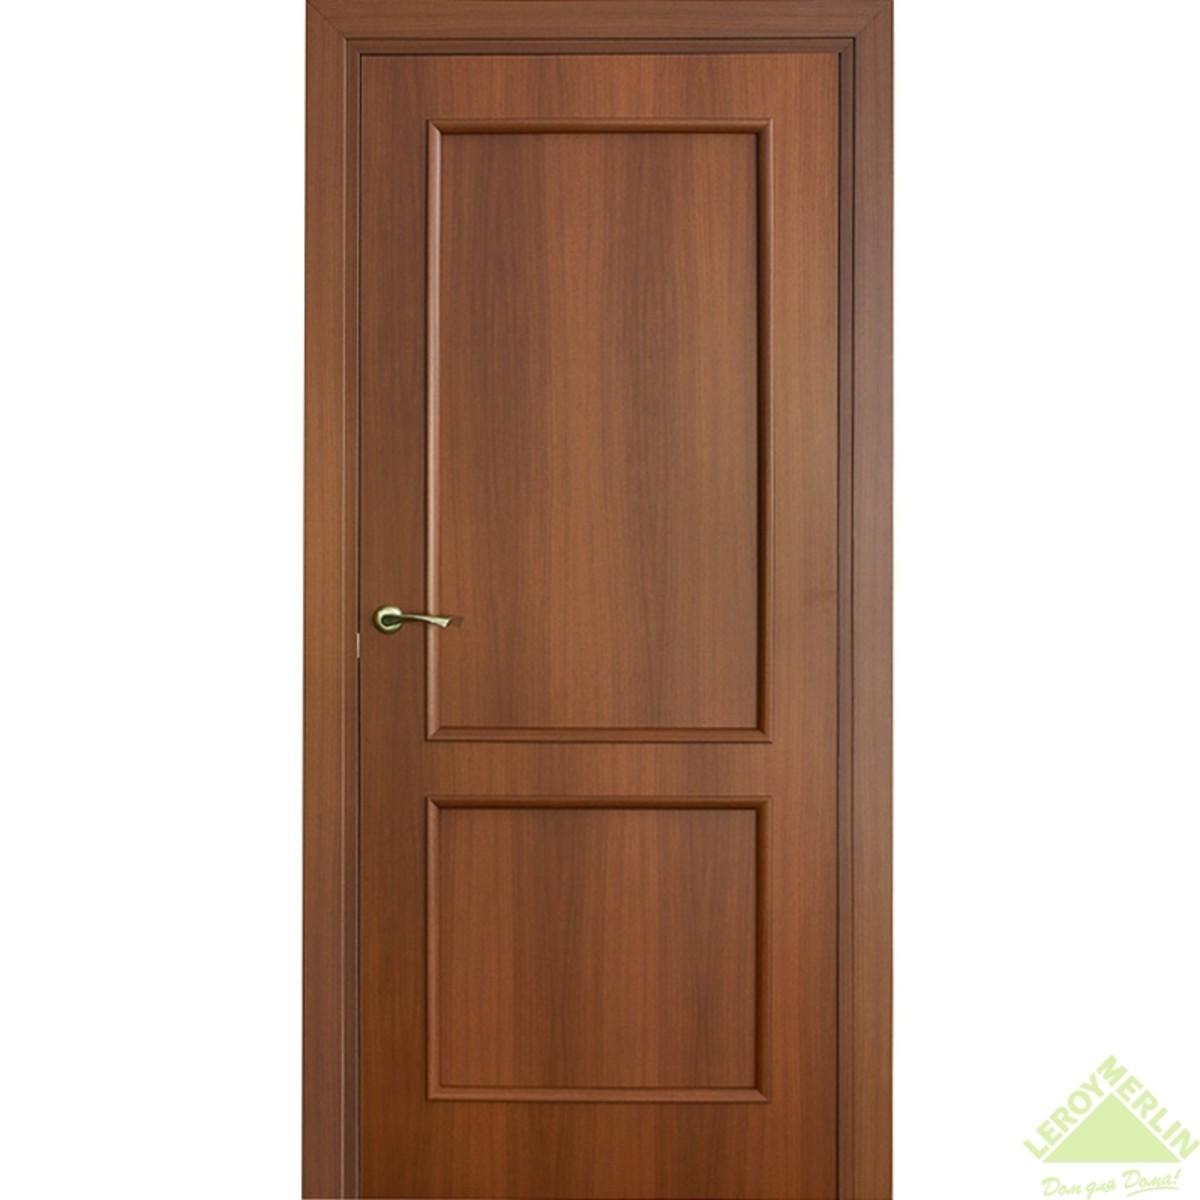 Дверь межкомнатная глухая Фортунато Классика 60x200 см ламинация цвет орех